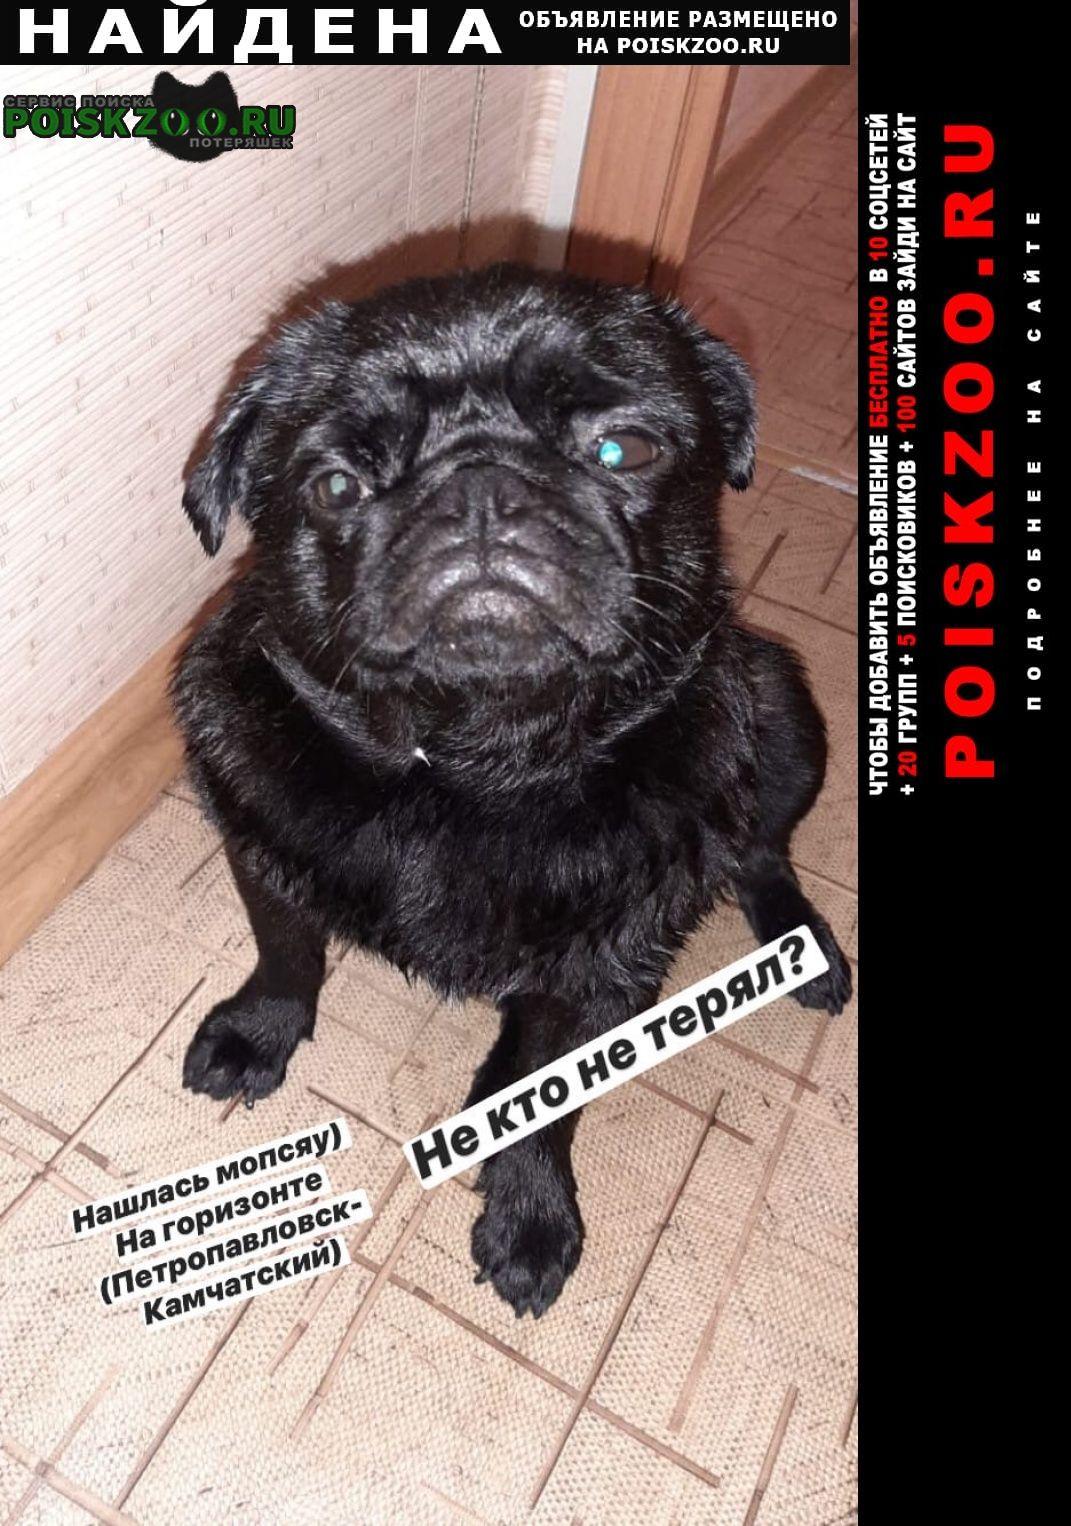 Найдена собака мопс г.Петропавловск-Камчатский